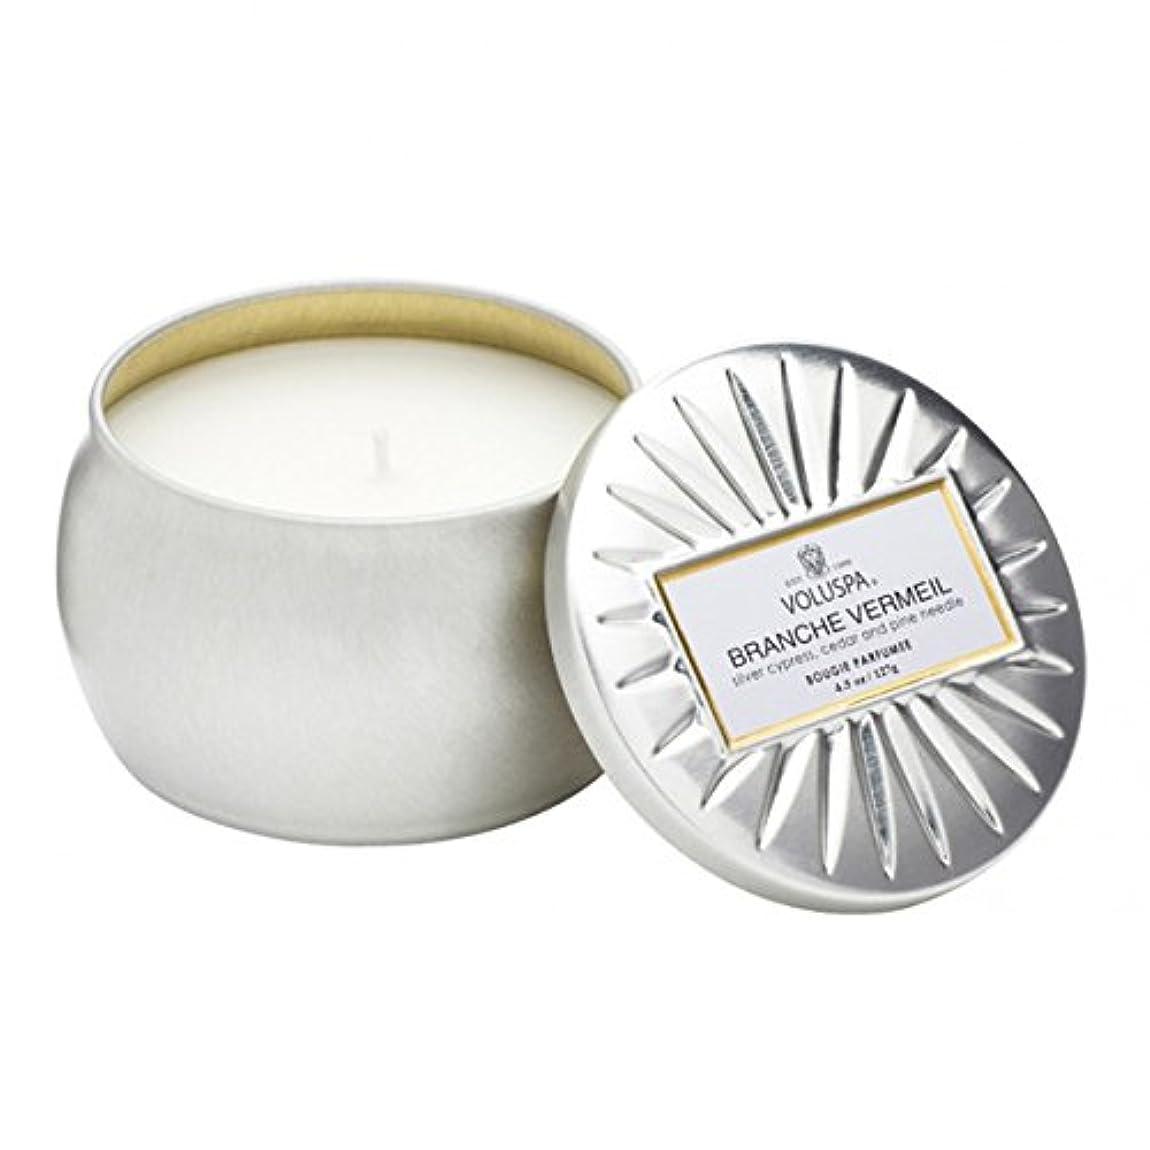 メーカー怒り心理的にVoluspa ボルスパ ヴァーメイル ティンキャンドル  S フ?ランチヴァーメイル BRANCHE VERMEIL VERMEIL PETITE Tin Glass Candle